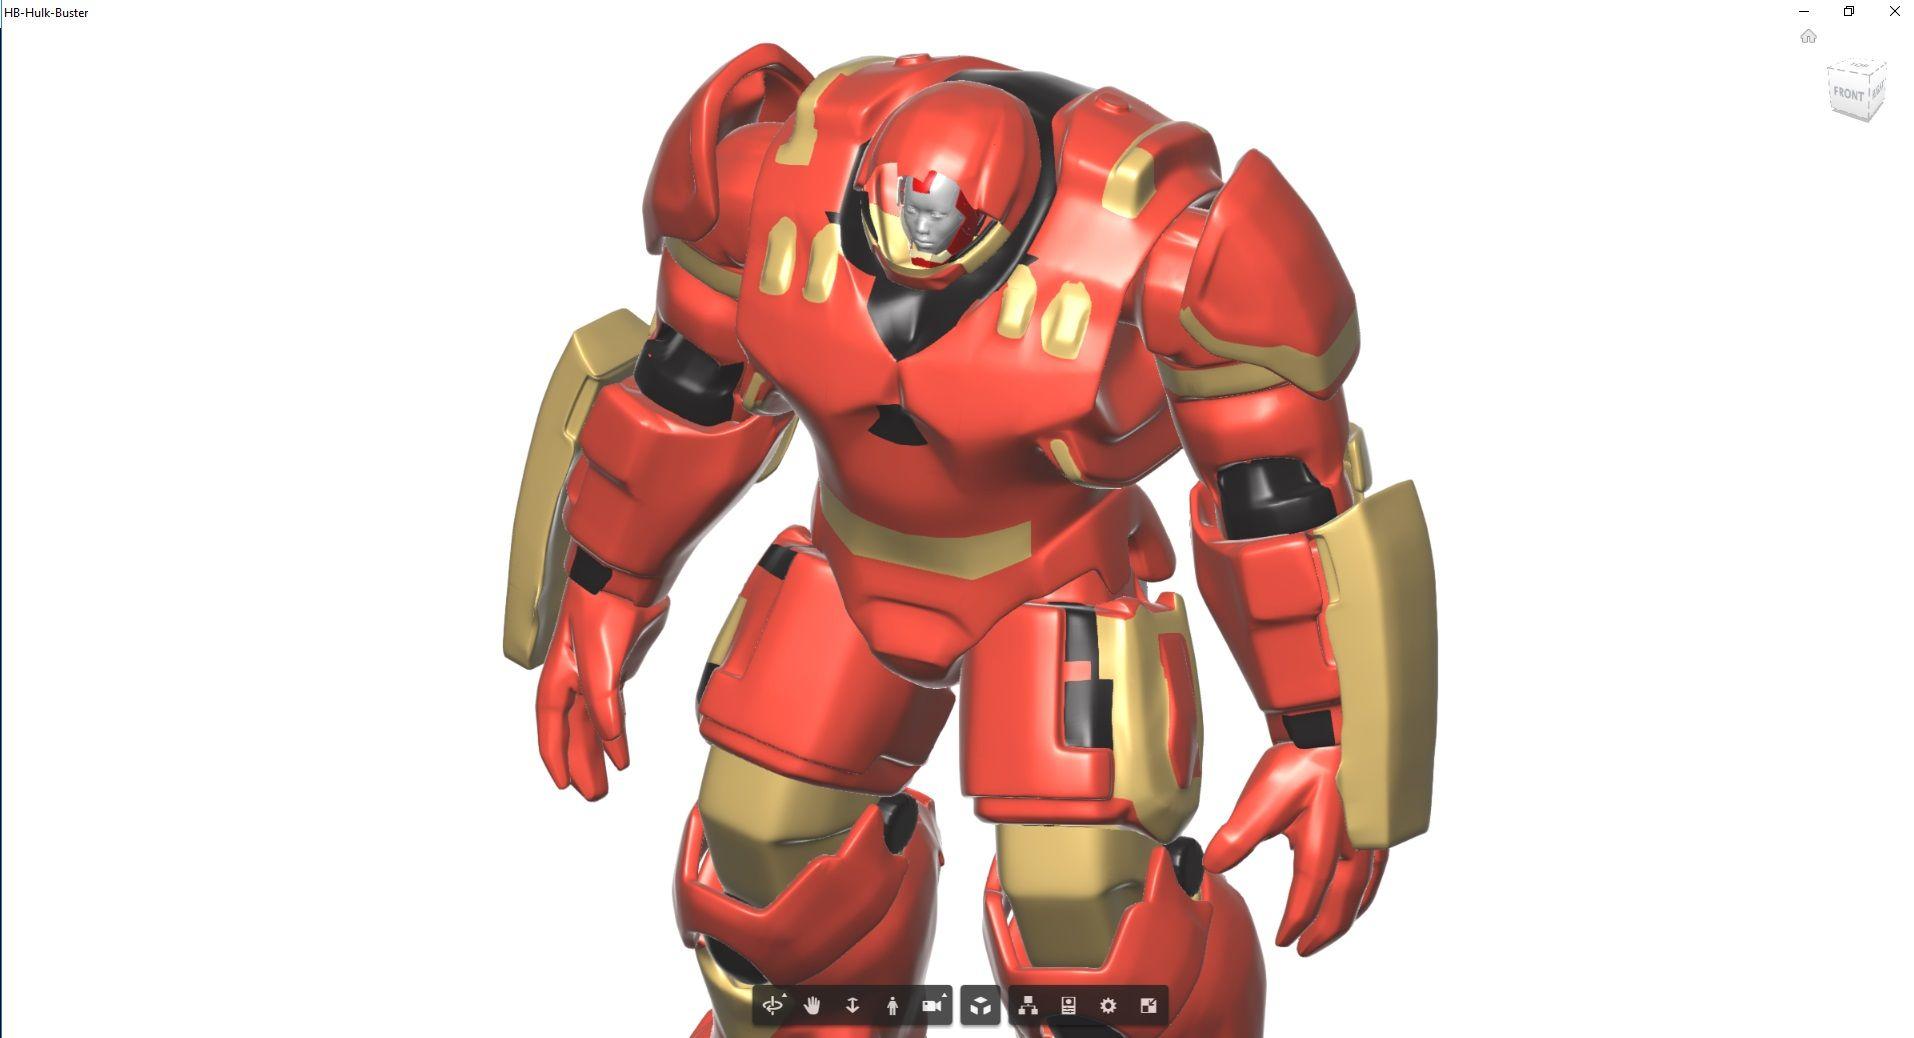 Hulk-4-3500-3500